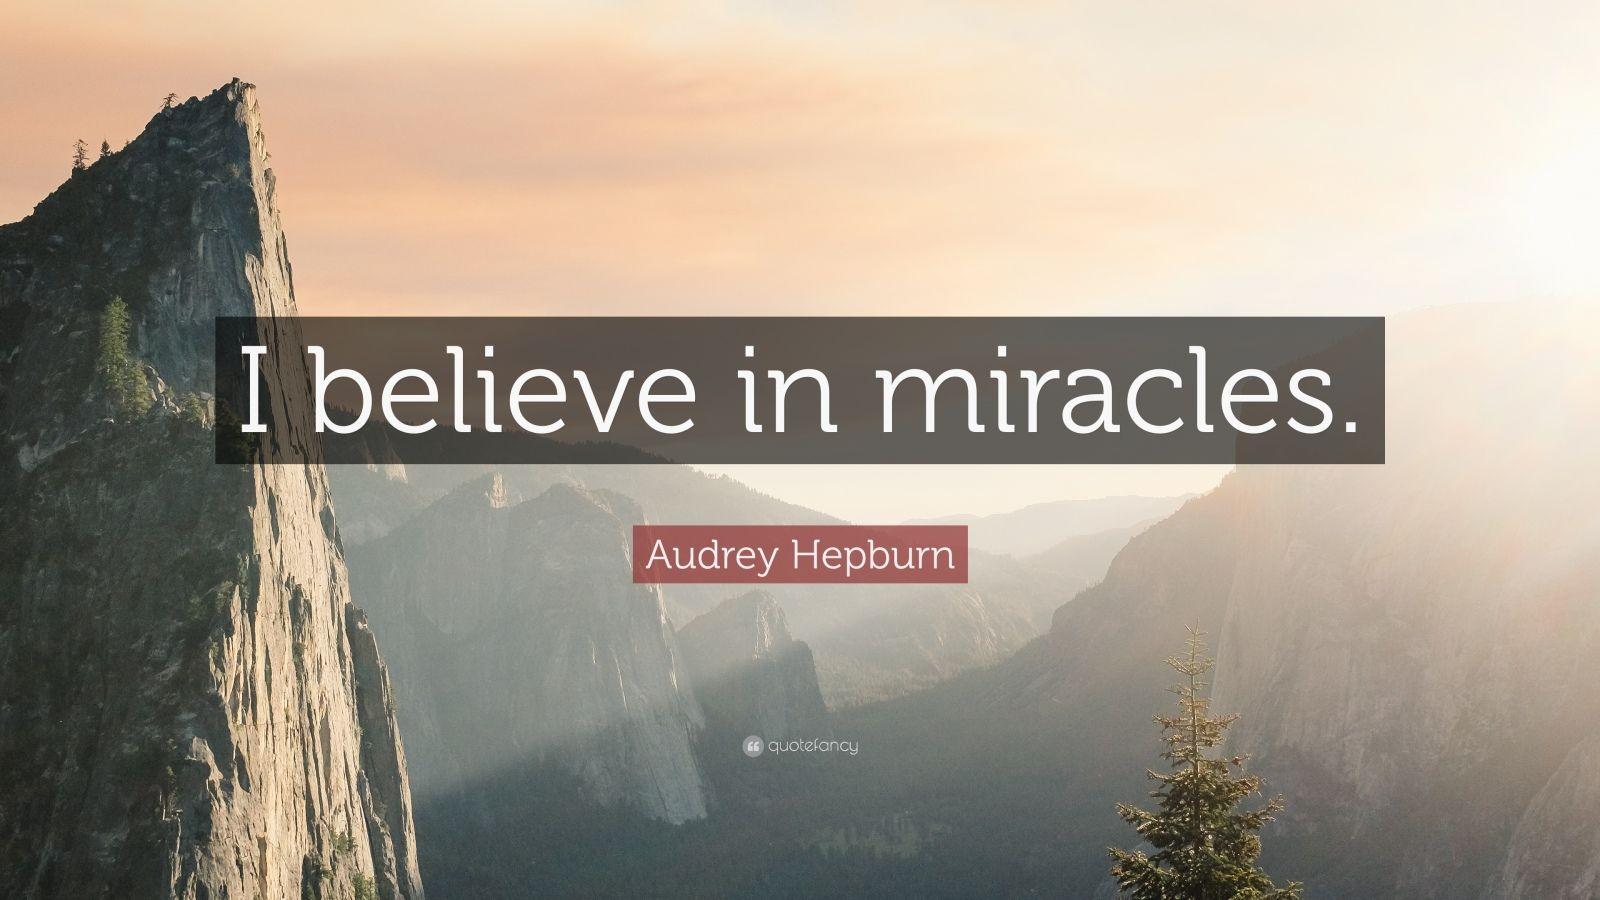 Mother Teresa Quotes Wallpapers Audrey Hepburn Quote I Believe In Miracles 10